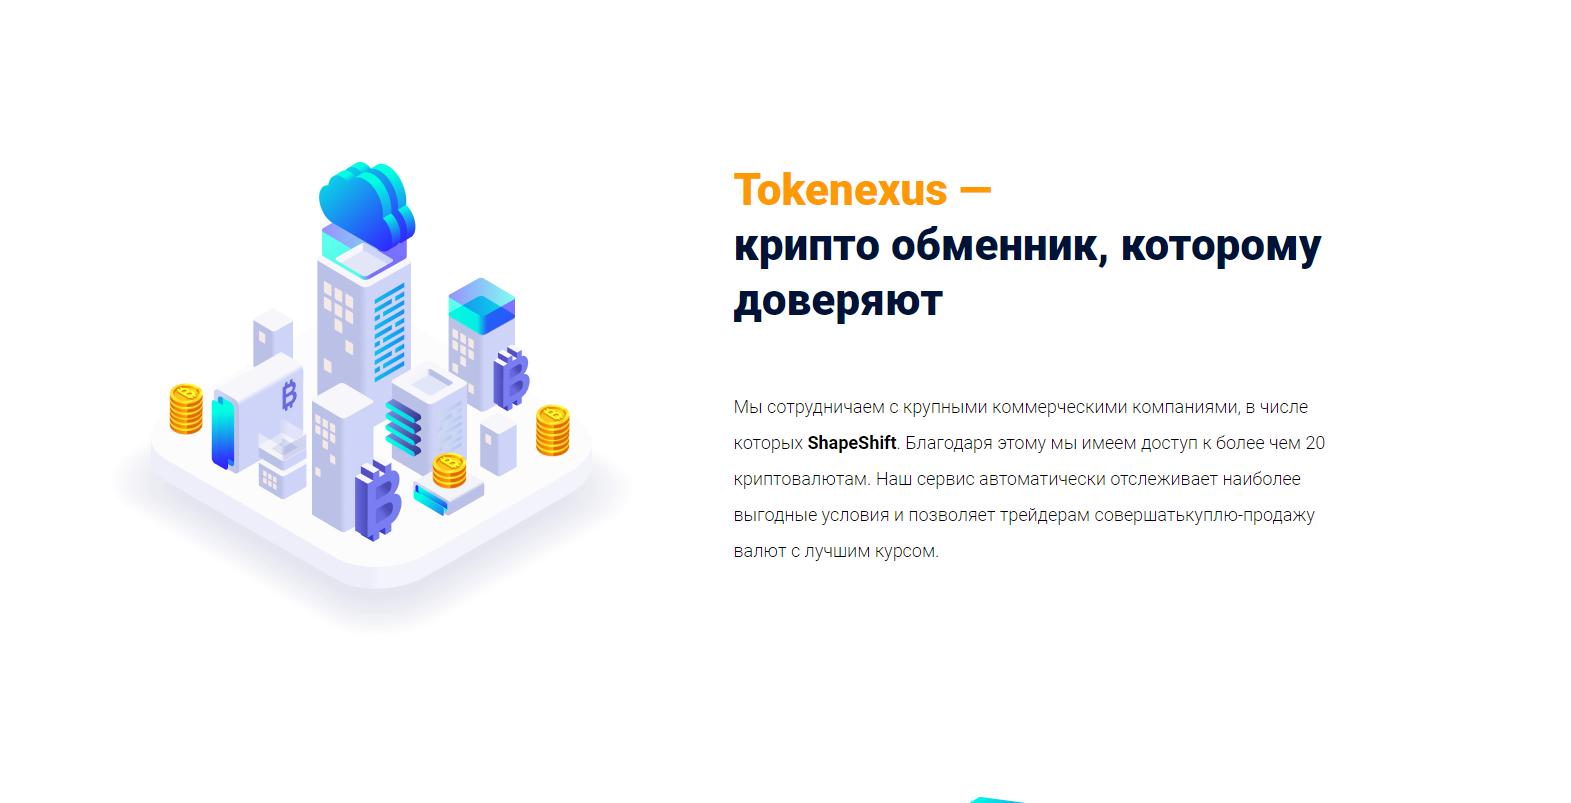 Tokenexus: почему стоит выбирать именно этот криптообменник